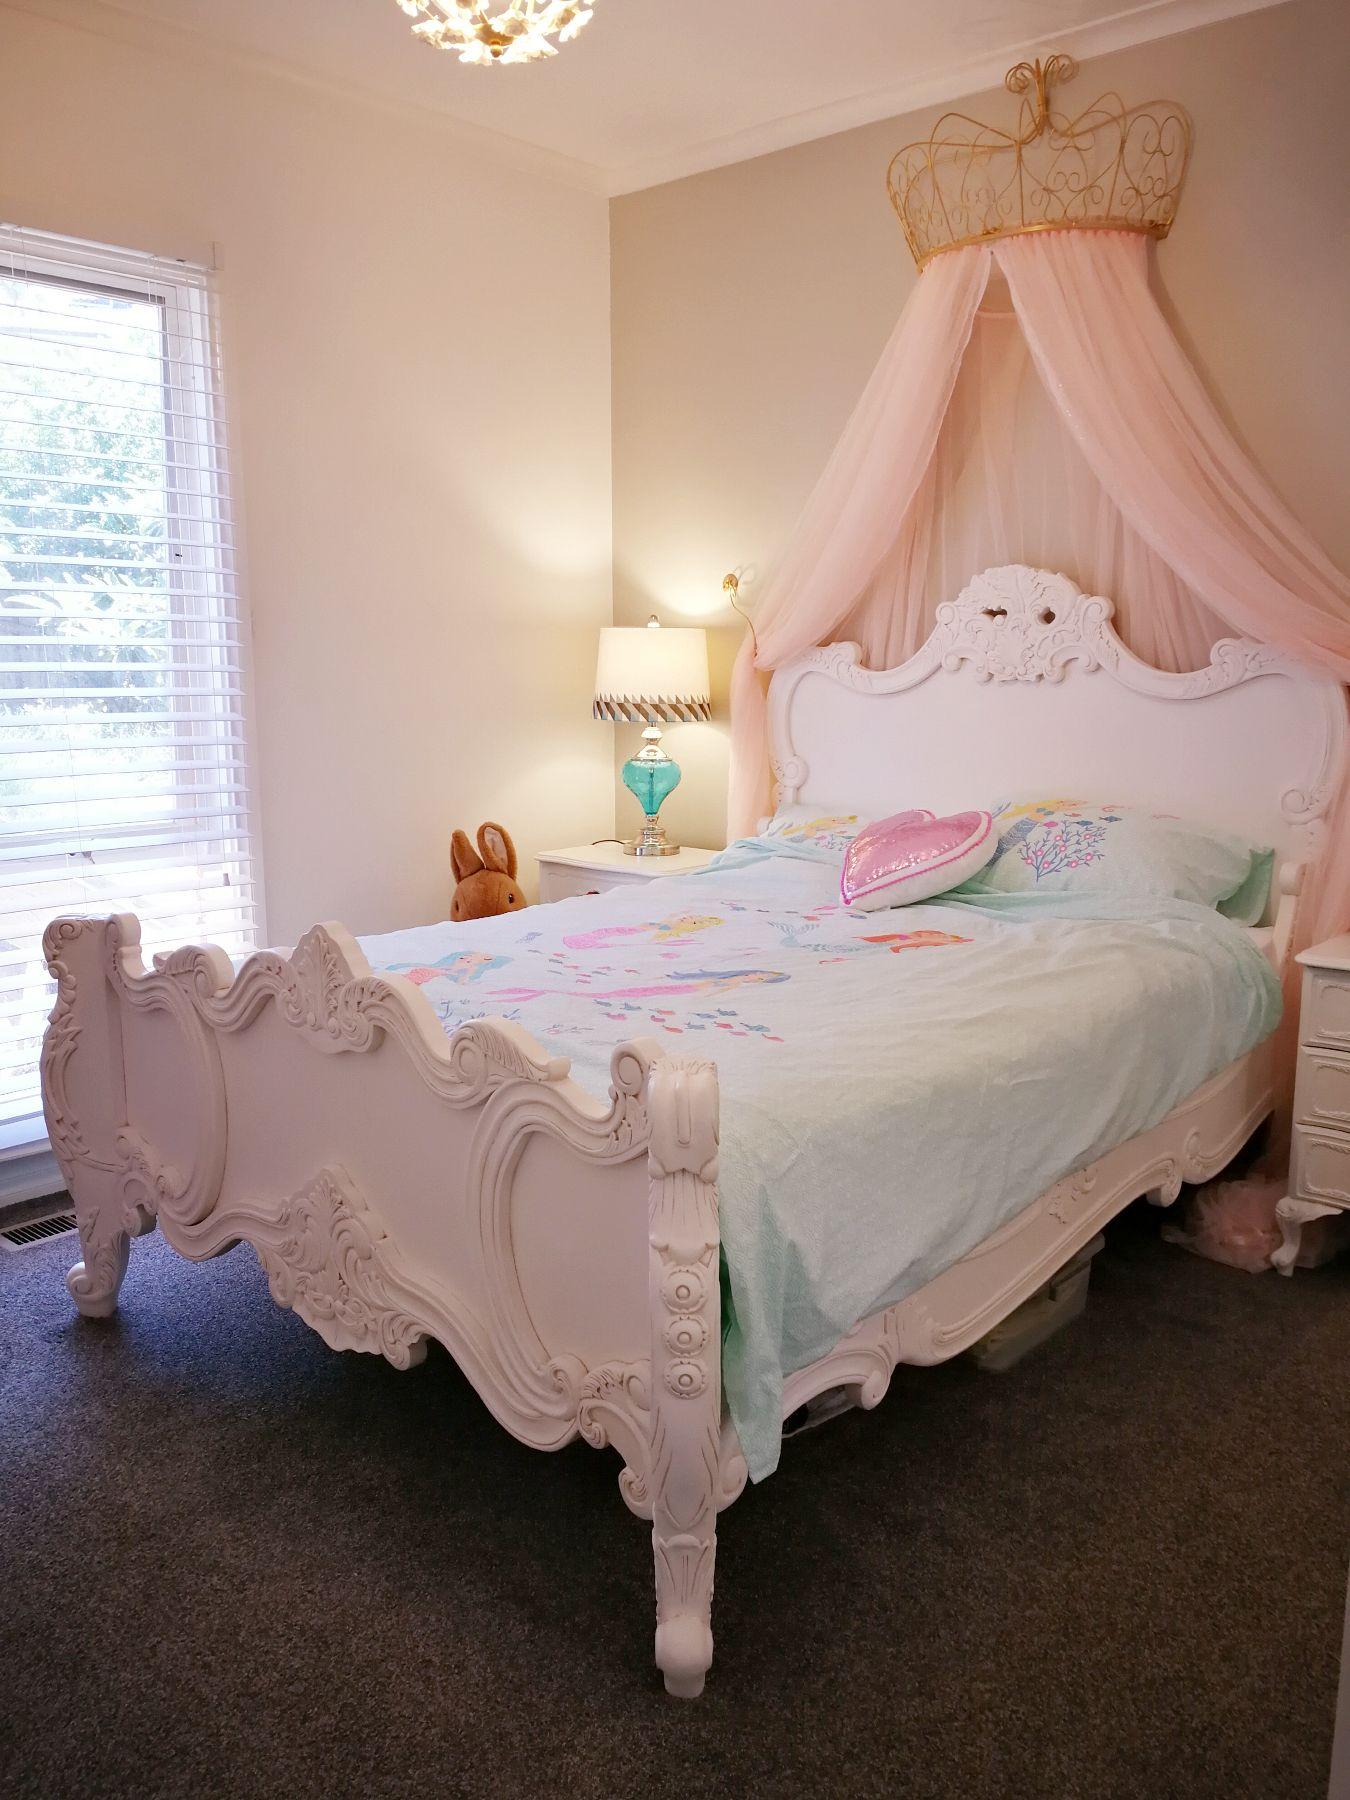 Kids Princess Canopy Bed | Girls bedroom, Bedroom diy